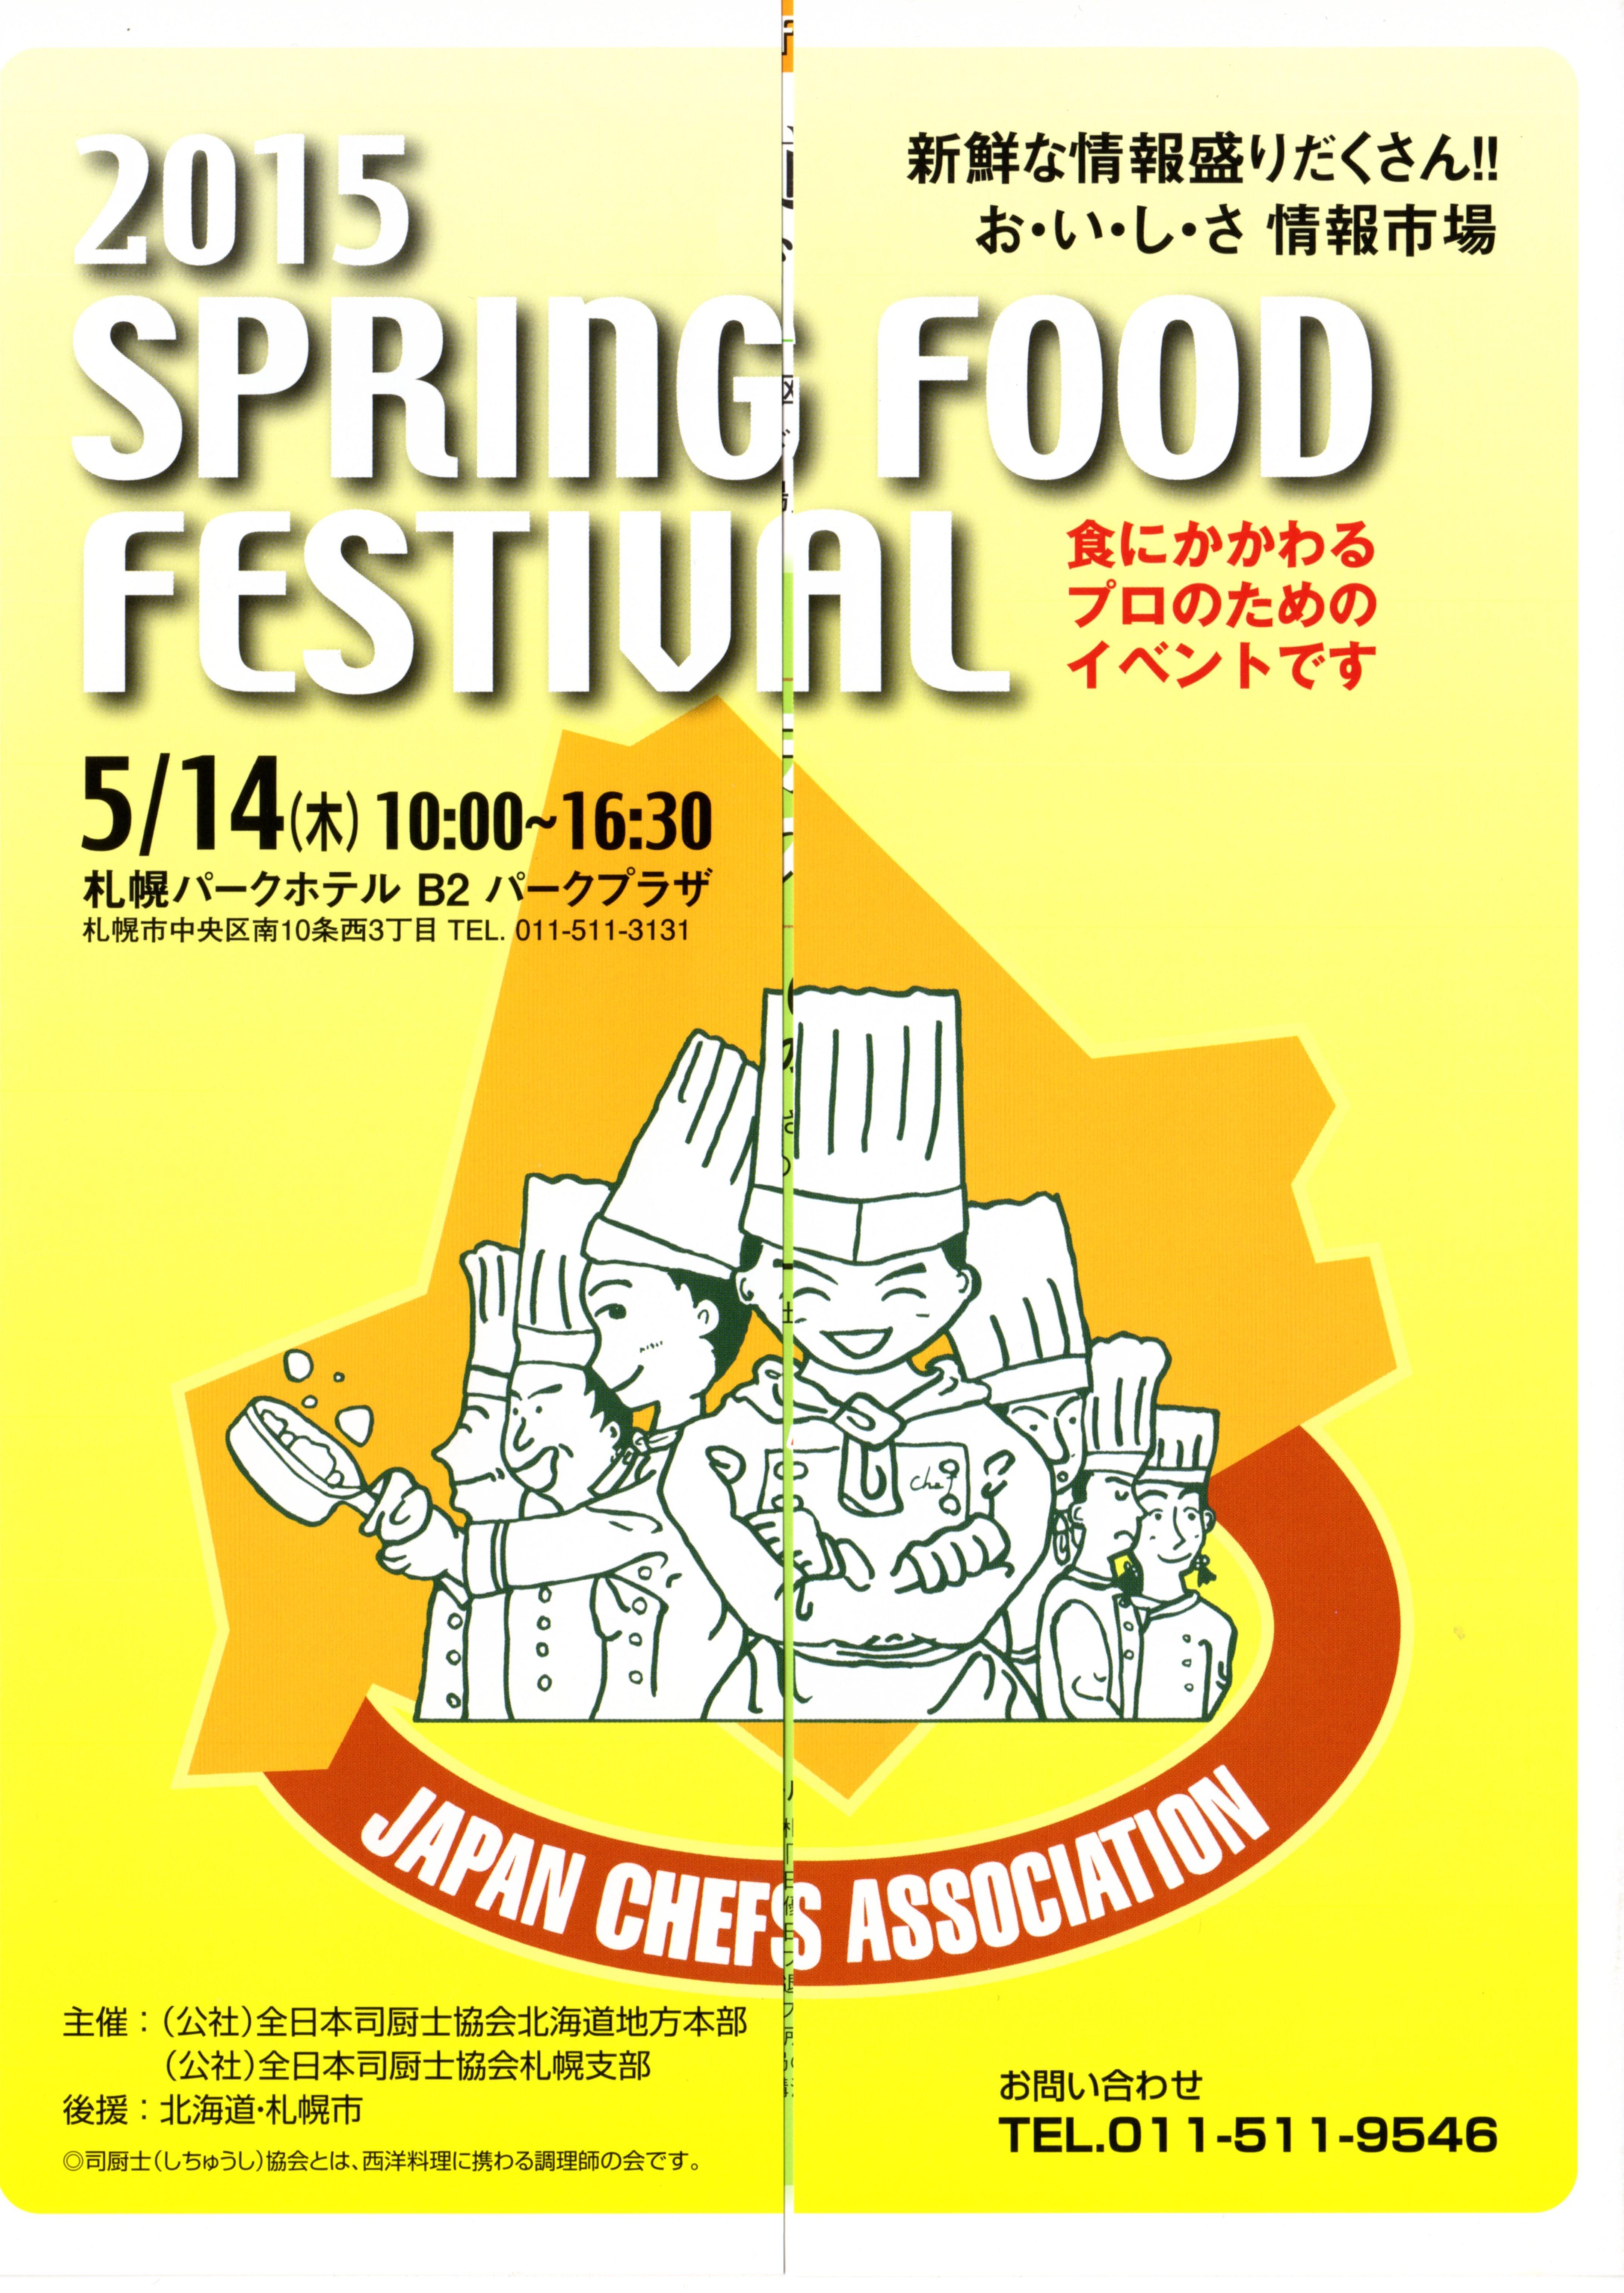 全日本司厨士協会北海道地方本部・札幌支部主催【SPURING FOOD FESTIVAL】の紹介